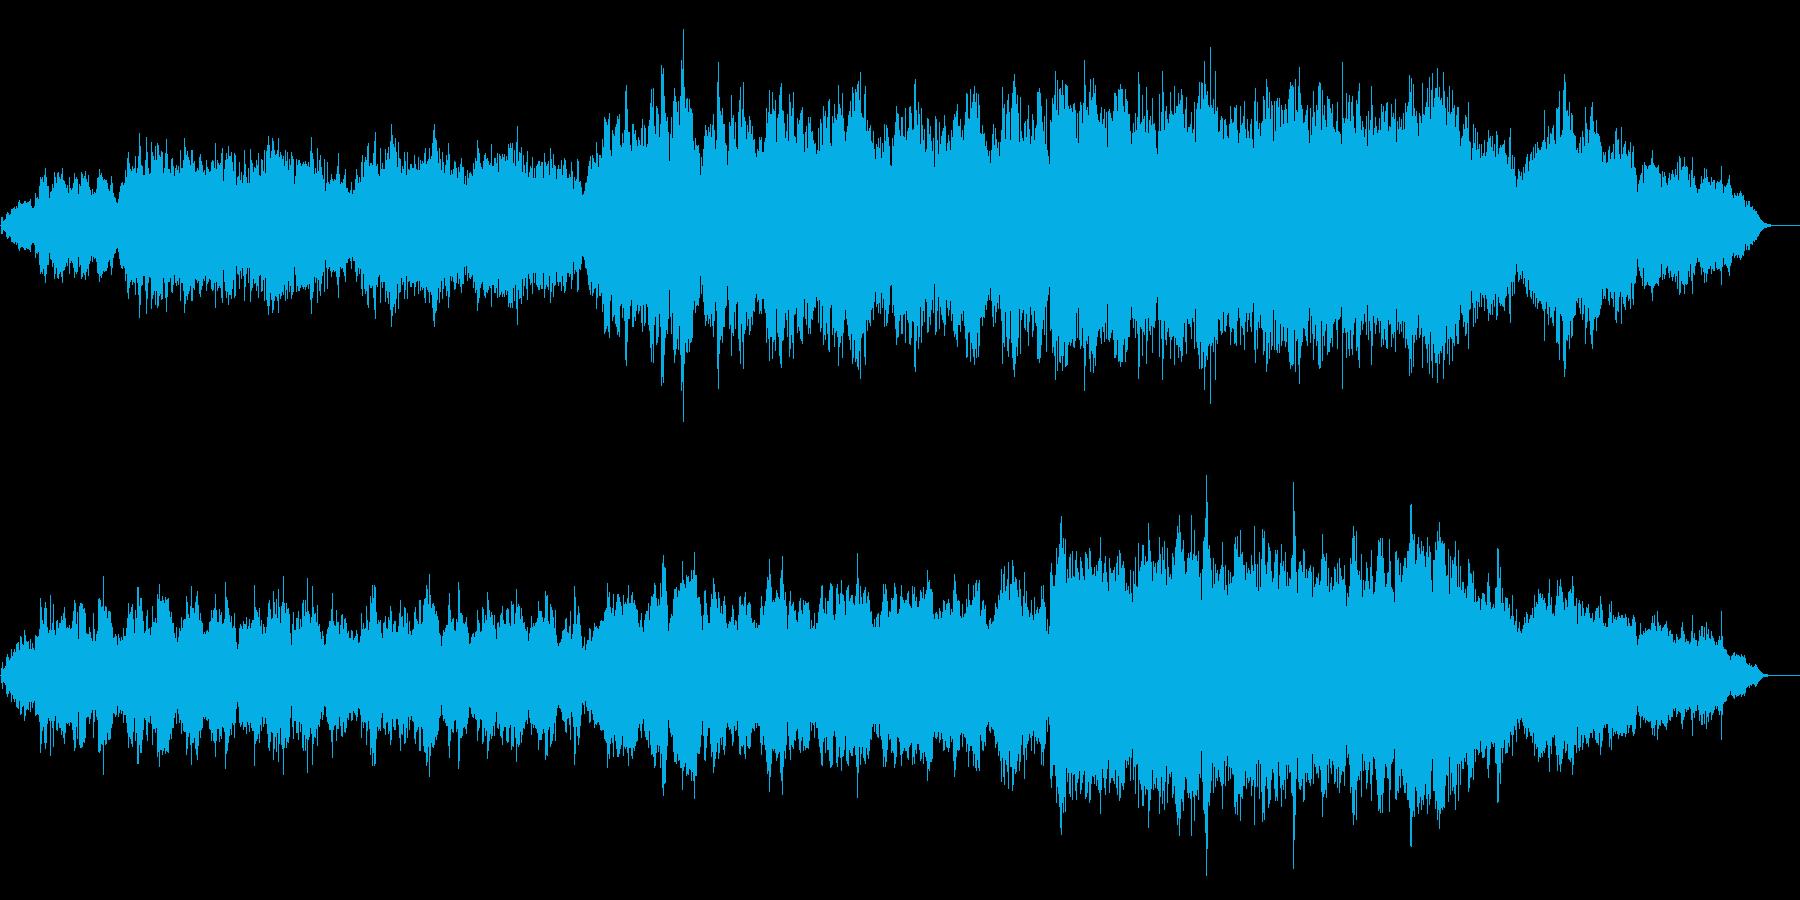 エンヤ風の神秘的なオリジナル曲の再生済みの波形